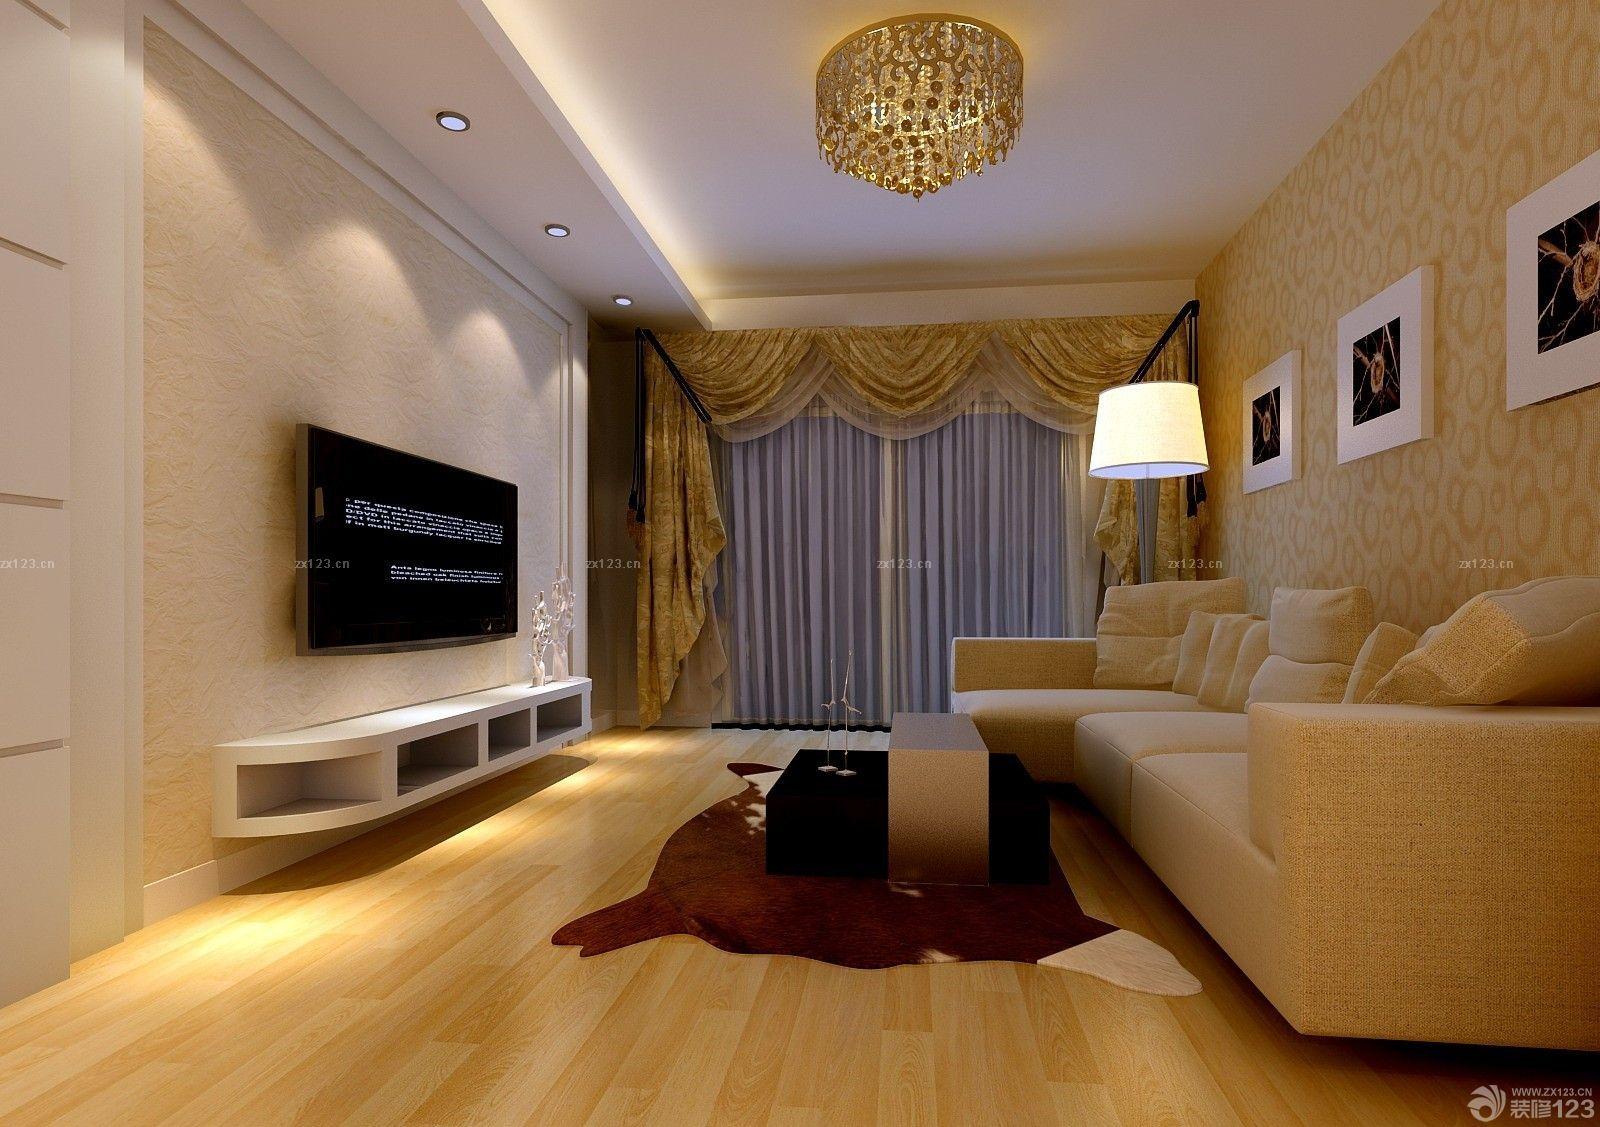 温馨70平米房子客厅装修效果图